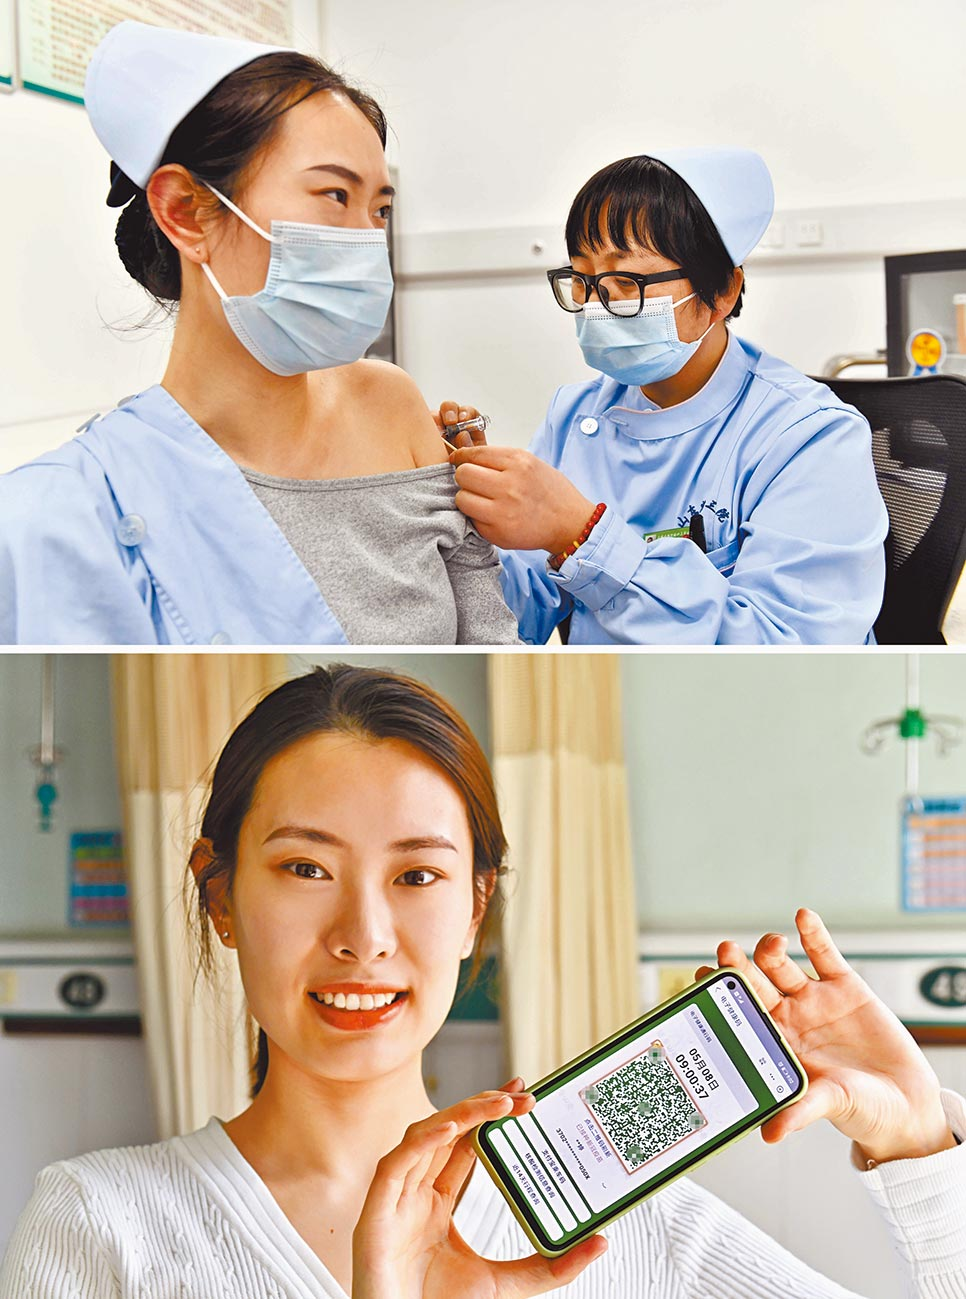 中疾控主任高福近日指出,預計到明年中國將有9億人至10億人接種新冠疫苗,可達到實現全民免疫的標準,圖為醫護人員接種新冠疫苗。(新華社)